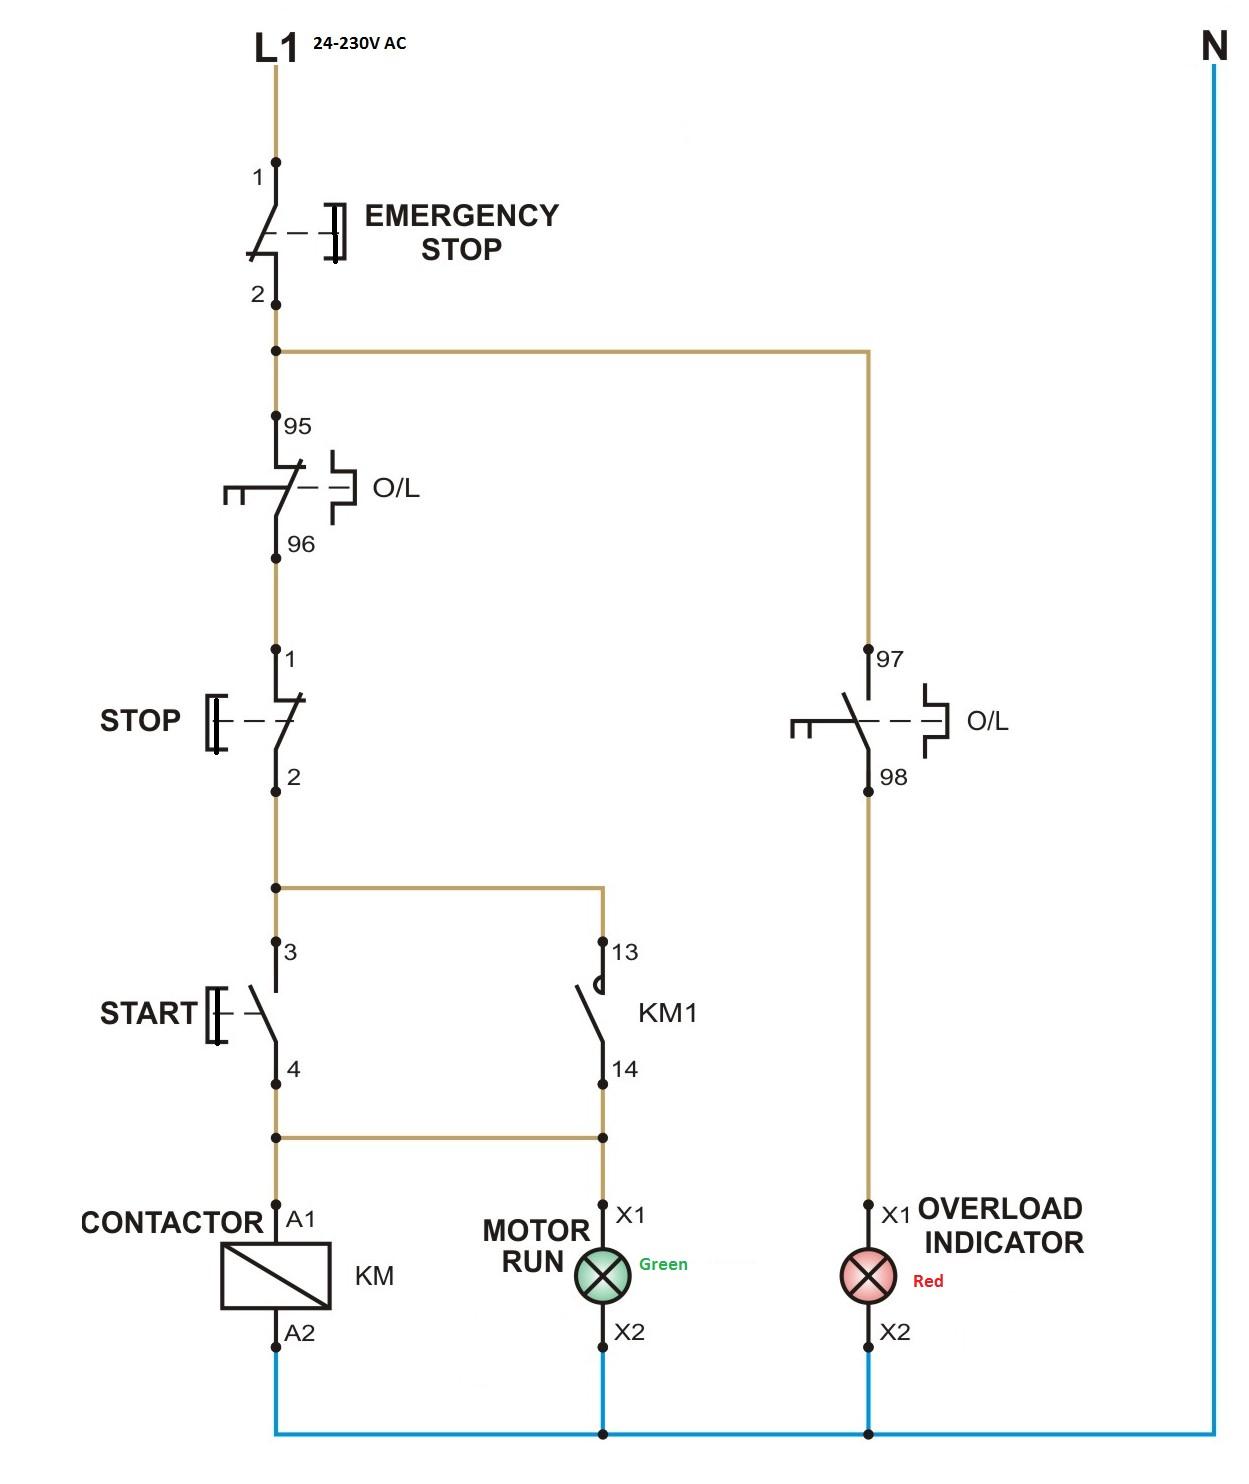 hight resolution of star delta motor control circuit pdf wye delta motor control diagram star delta starter control circuit diagram